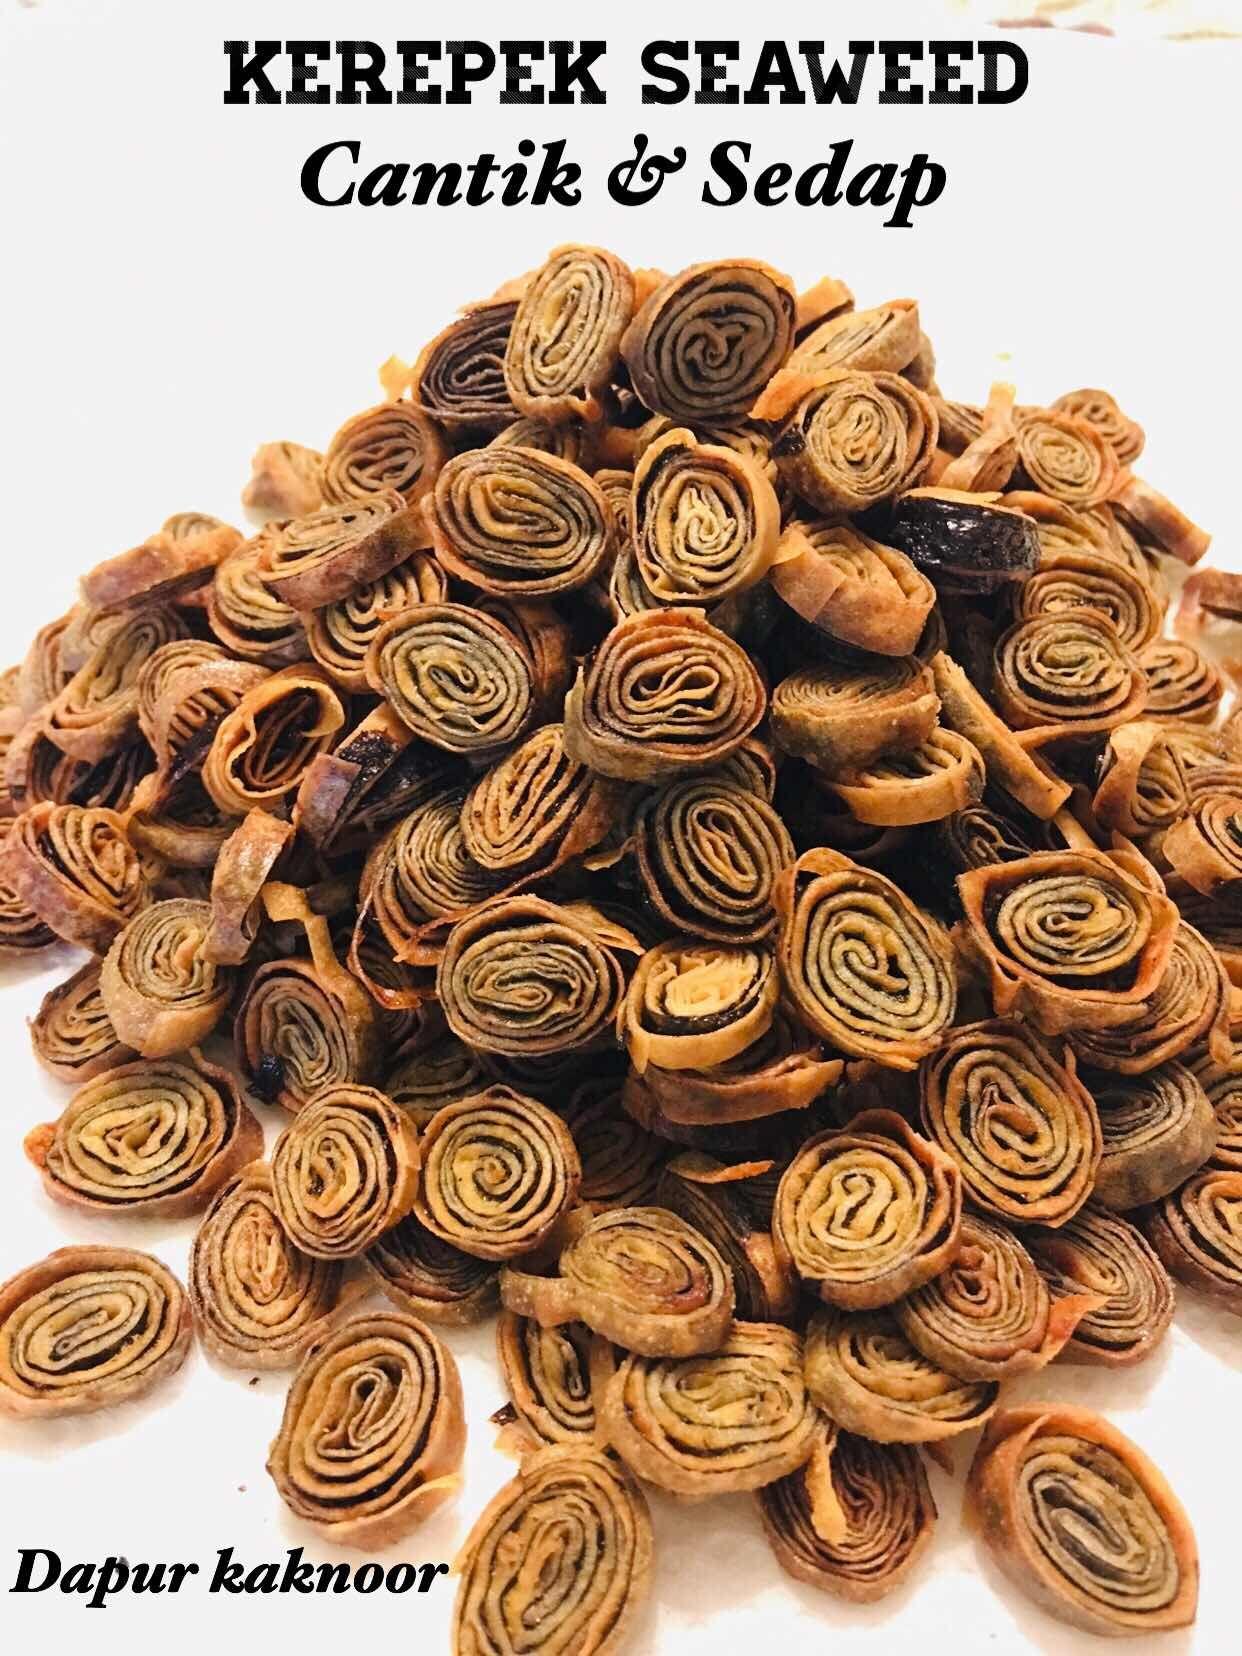 Kerepek Seaweed Paling Laris Dapur Kak Noor